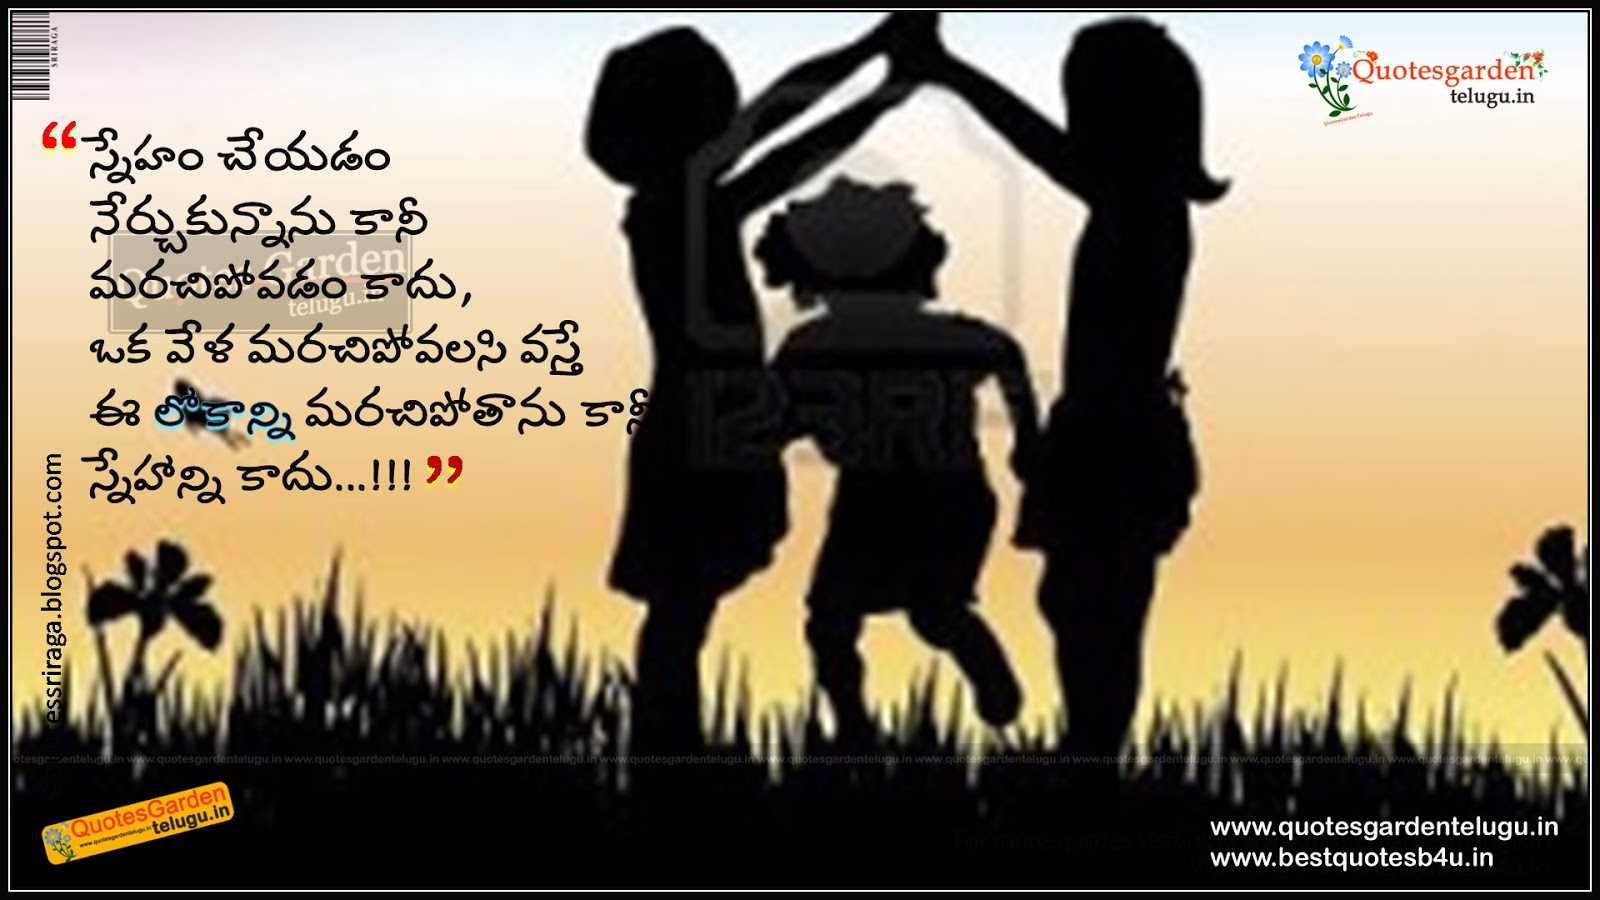 Telugu Friendship Quotes With Images Quotes Garden Telugu Telugu